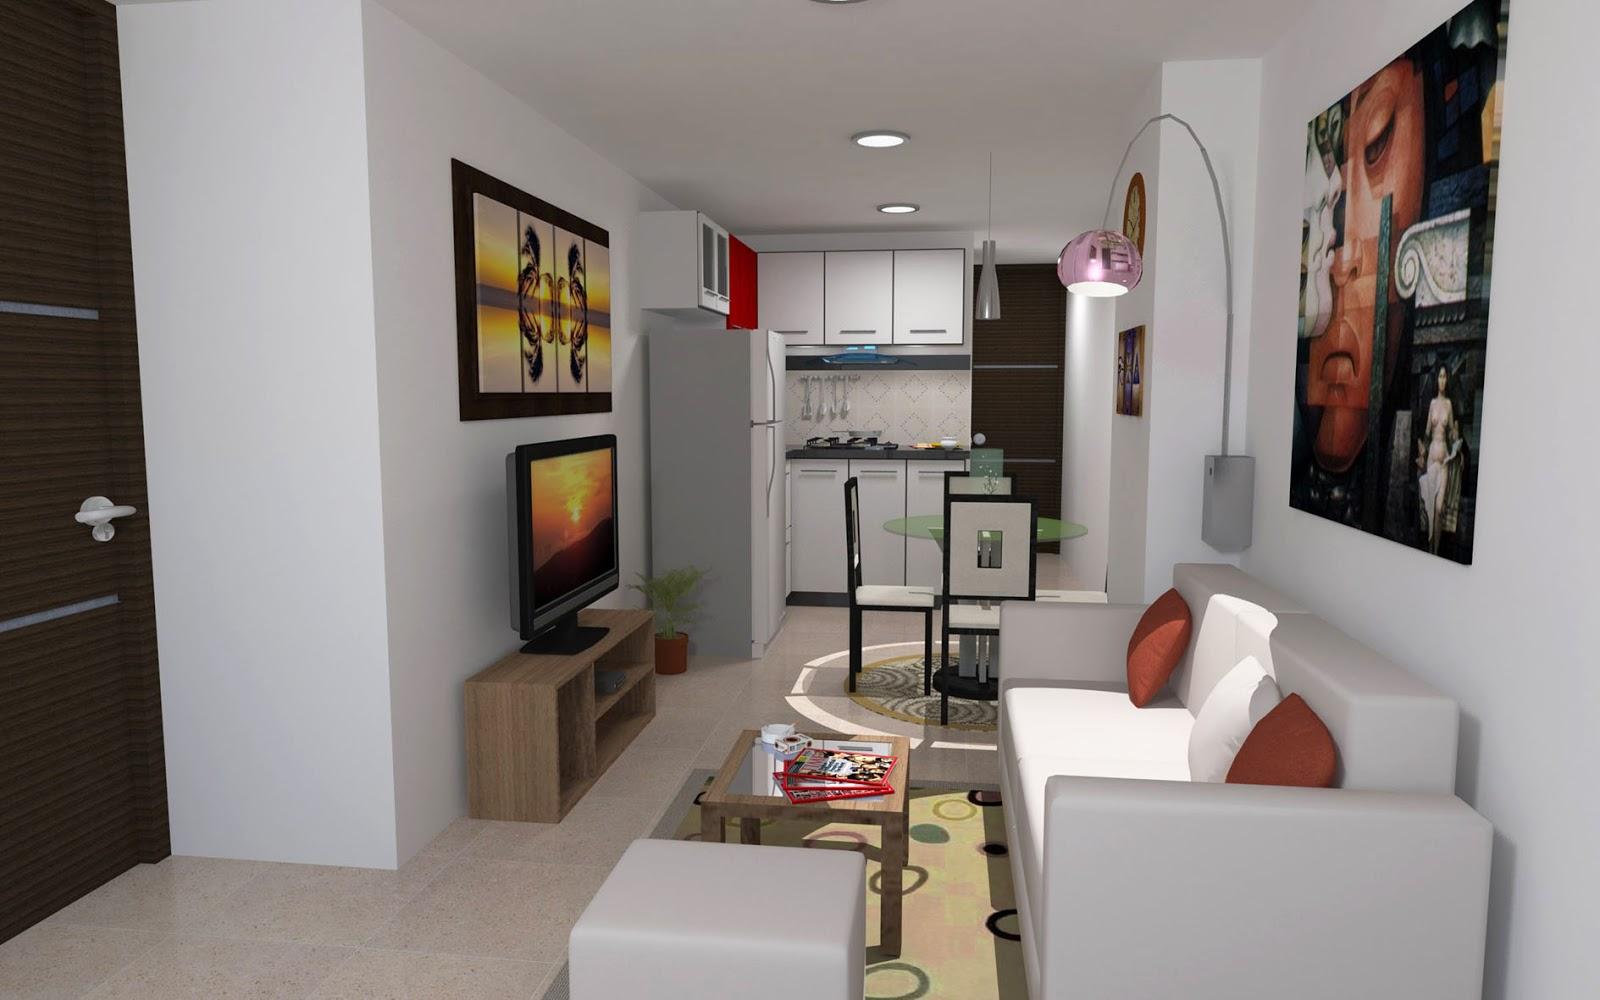 Palmeto real dise o calidad y confort for Cocinas para apartaestudios